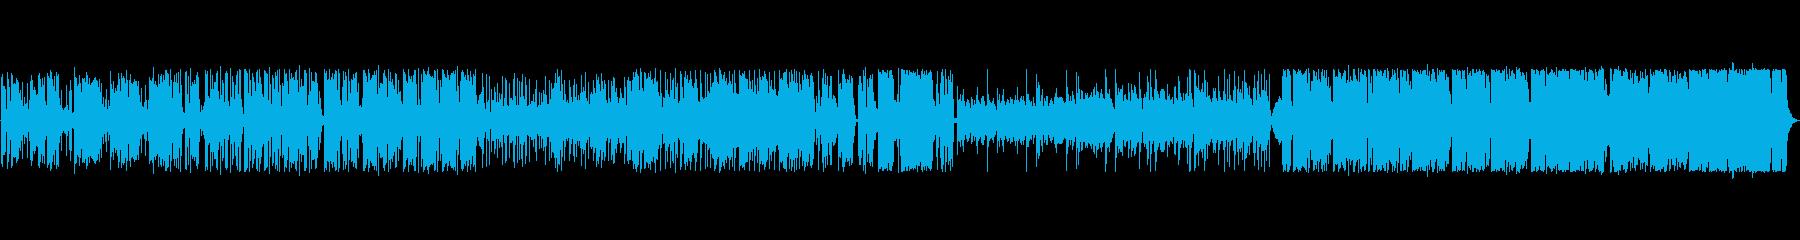 民族楽器が特徴のインド風サウンドのBGMの再生済みの波形